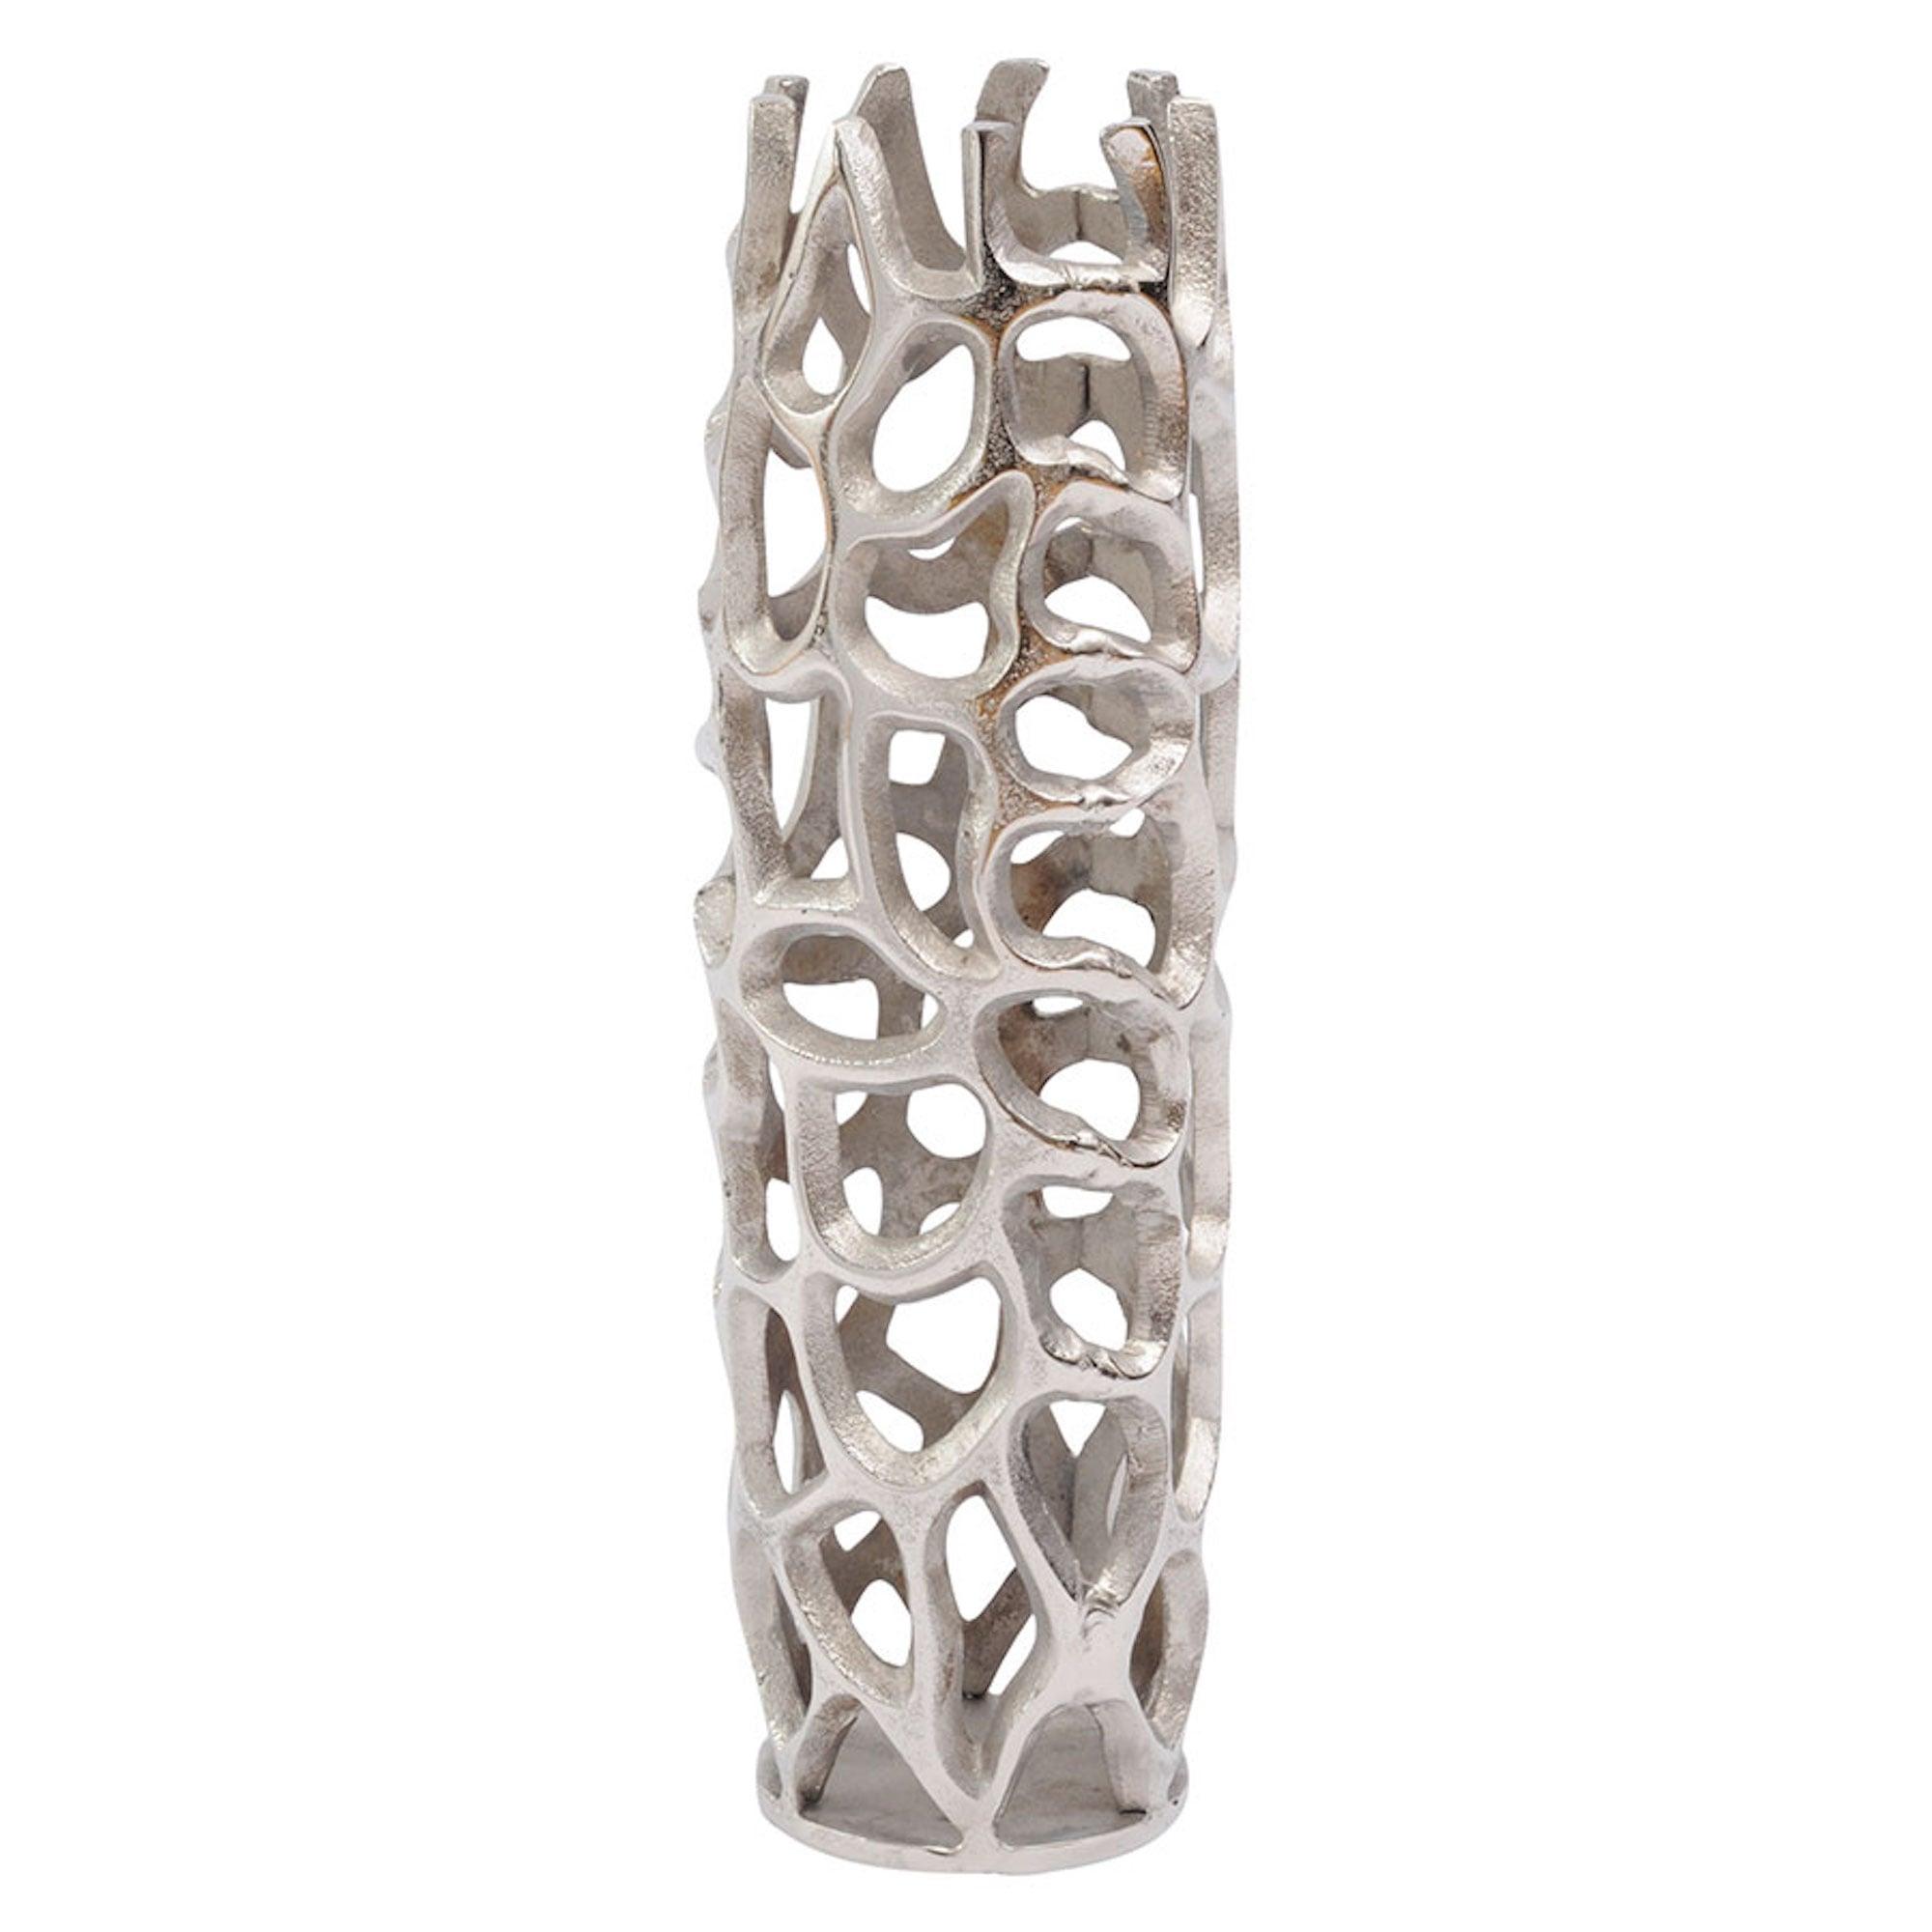 Silver Coral Cage Vase Textured Aluminium